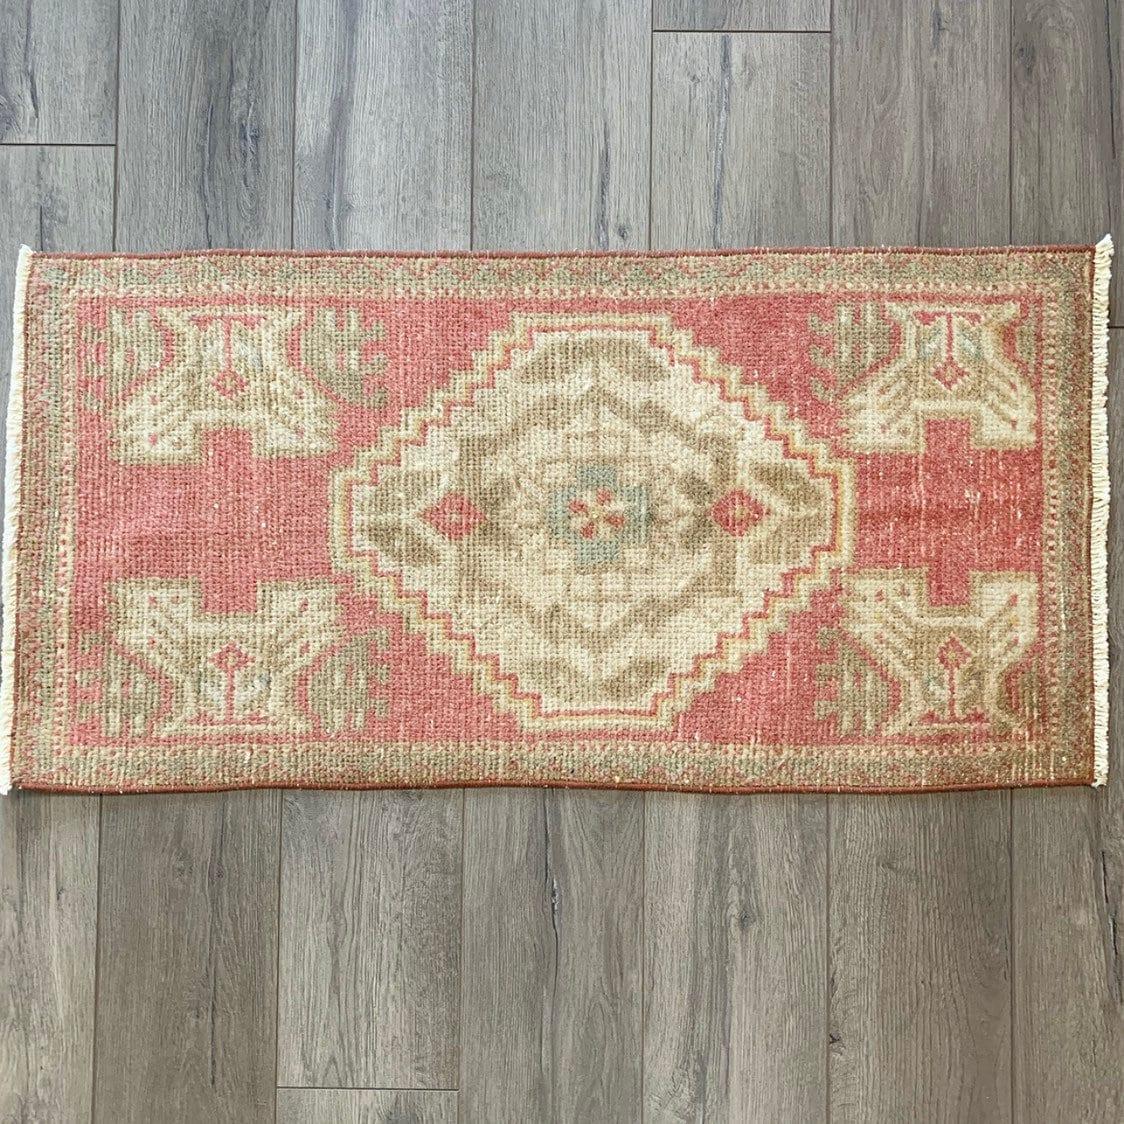 3'0 X 1'5 - Mini Vintage Turkish Rug